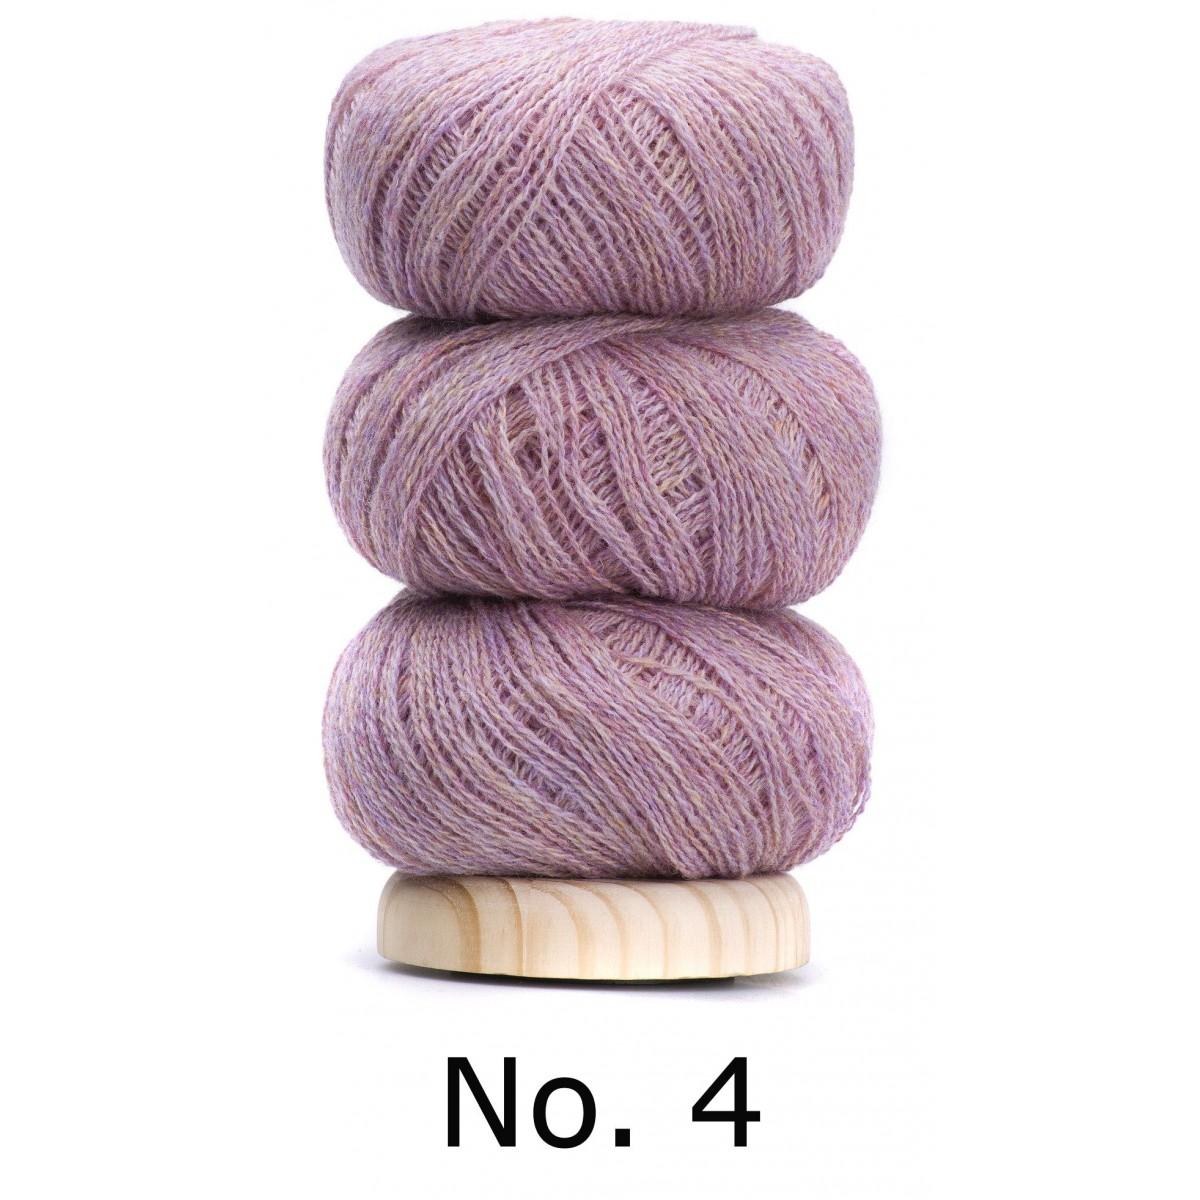 Håndevending i uld-32